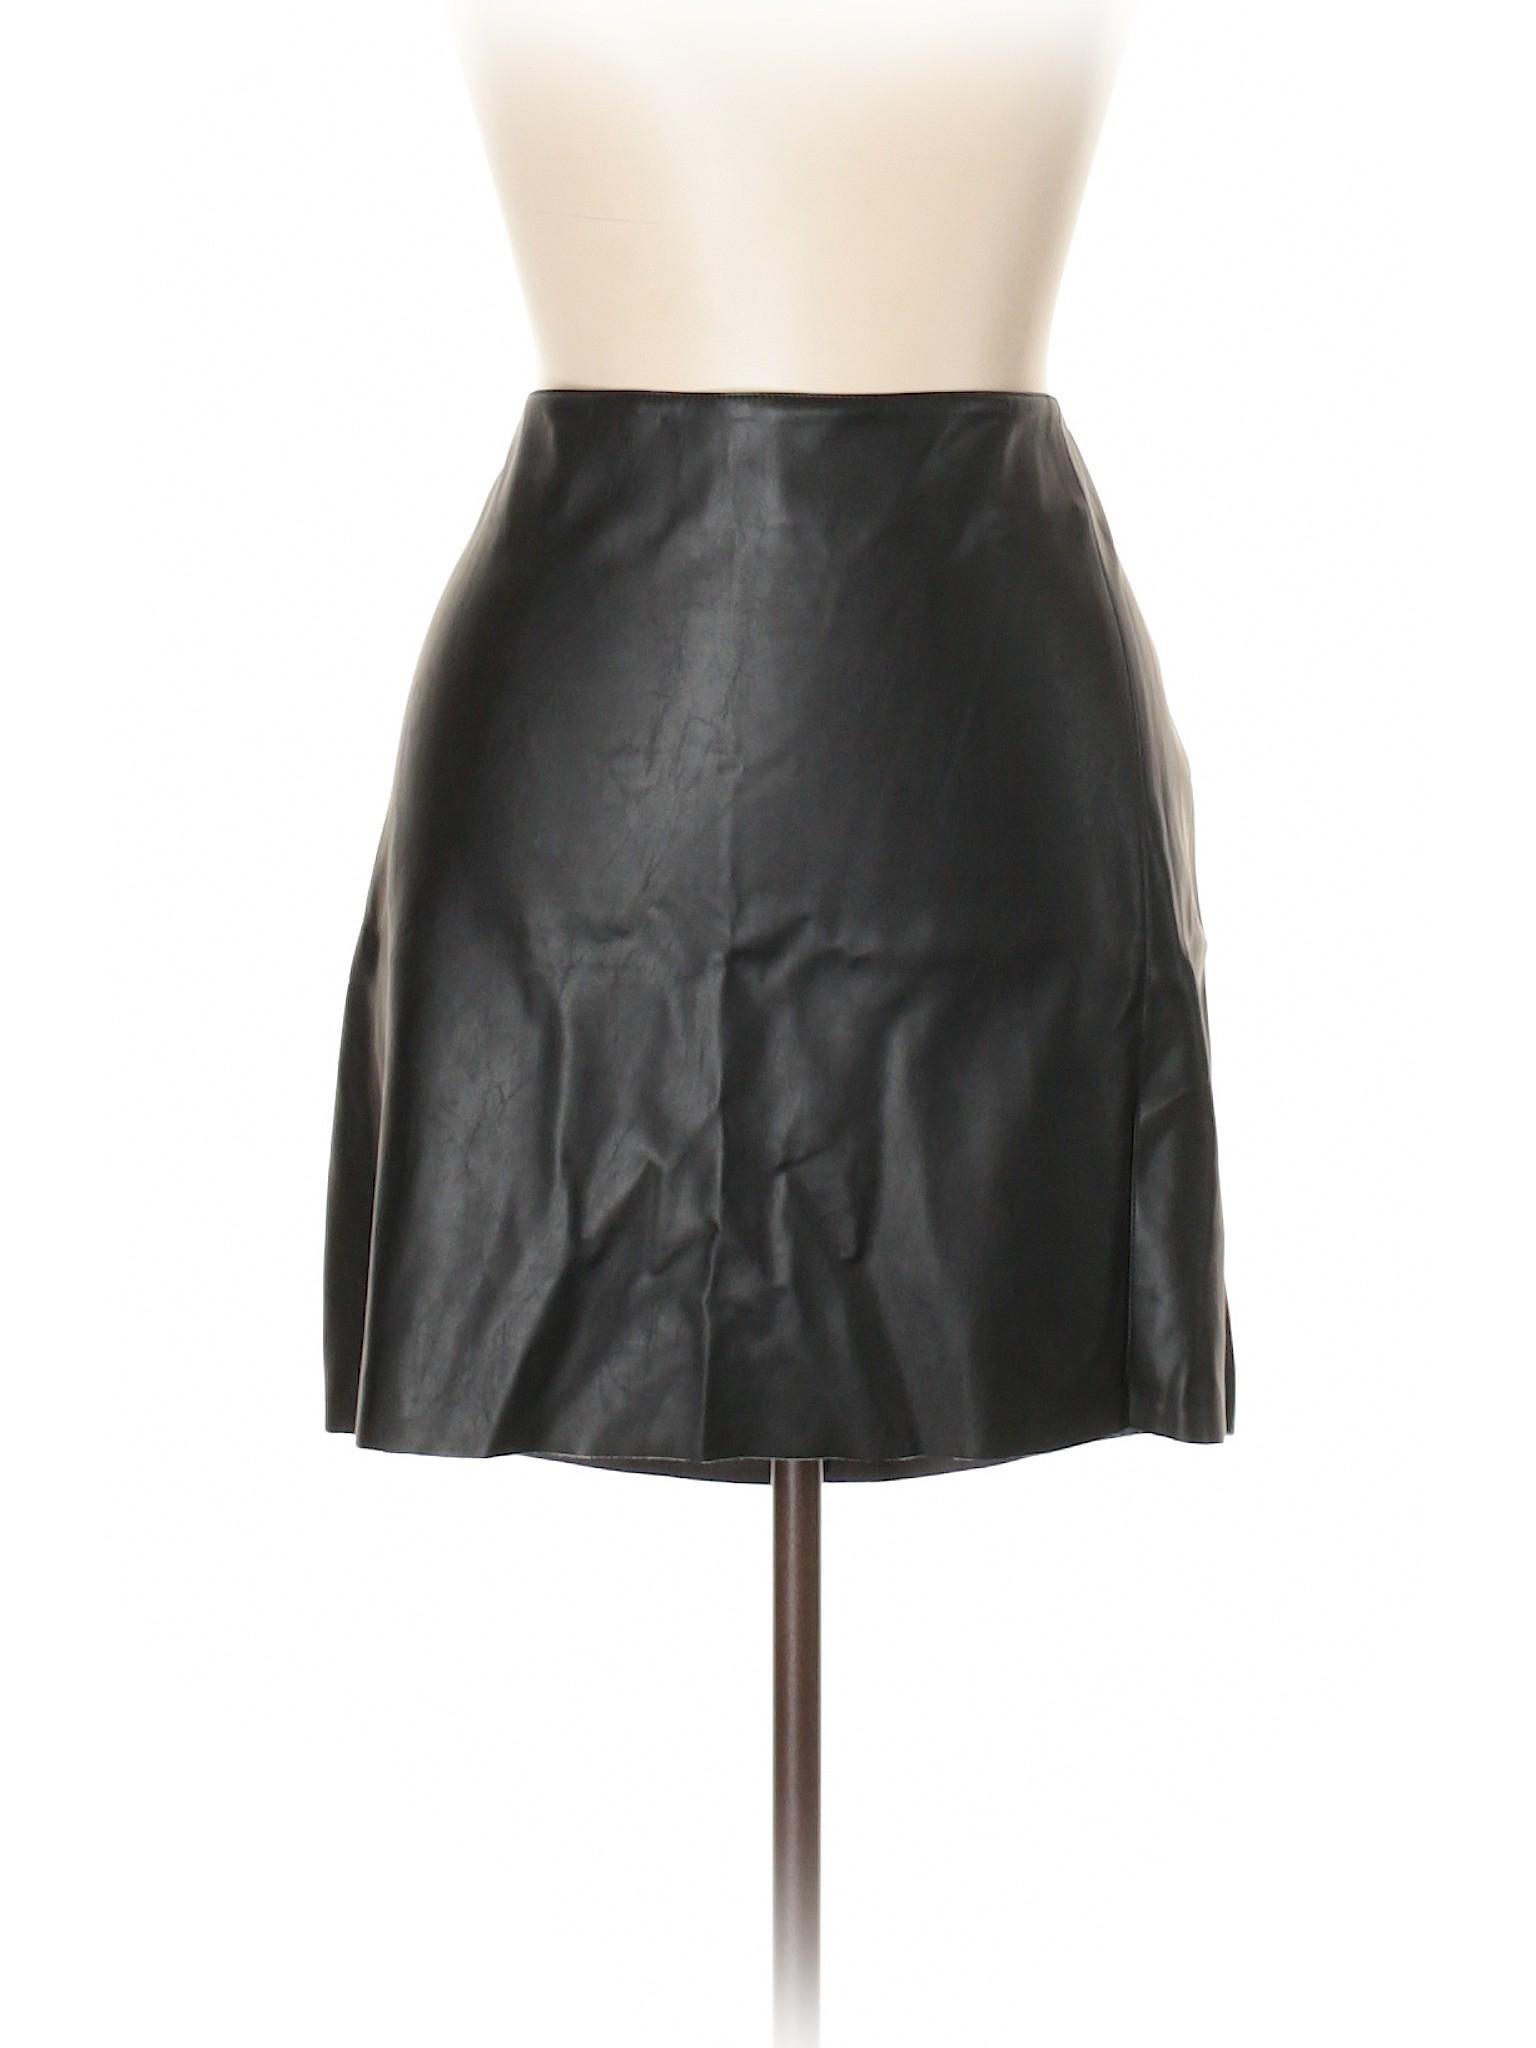 Boutique Boutique Faux Boutique Skirt Skirt Leather Faux Leather Faux rRAXpxrq